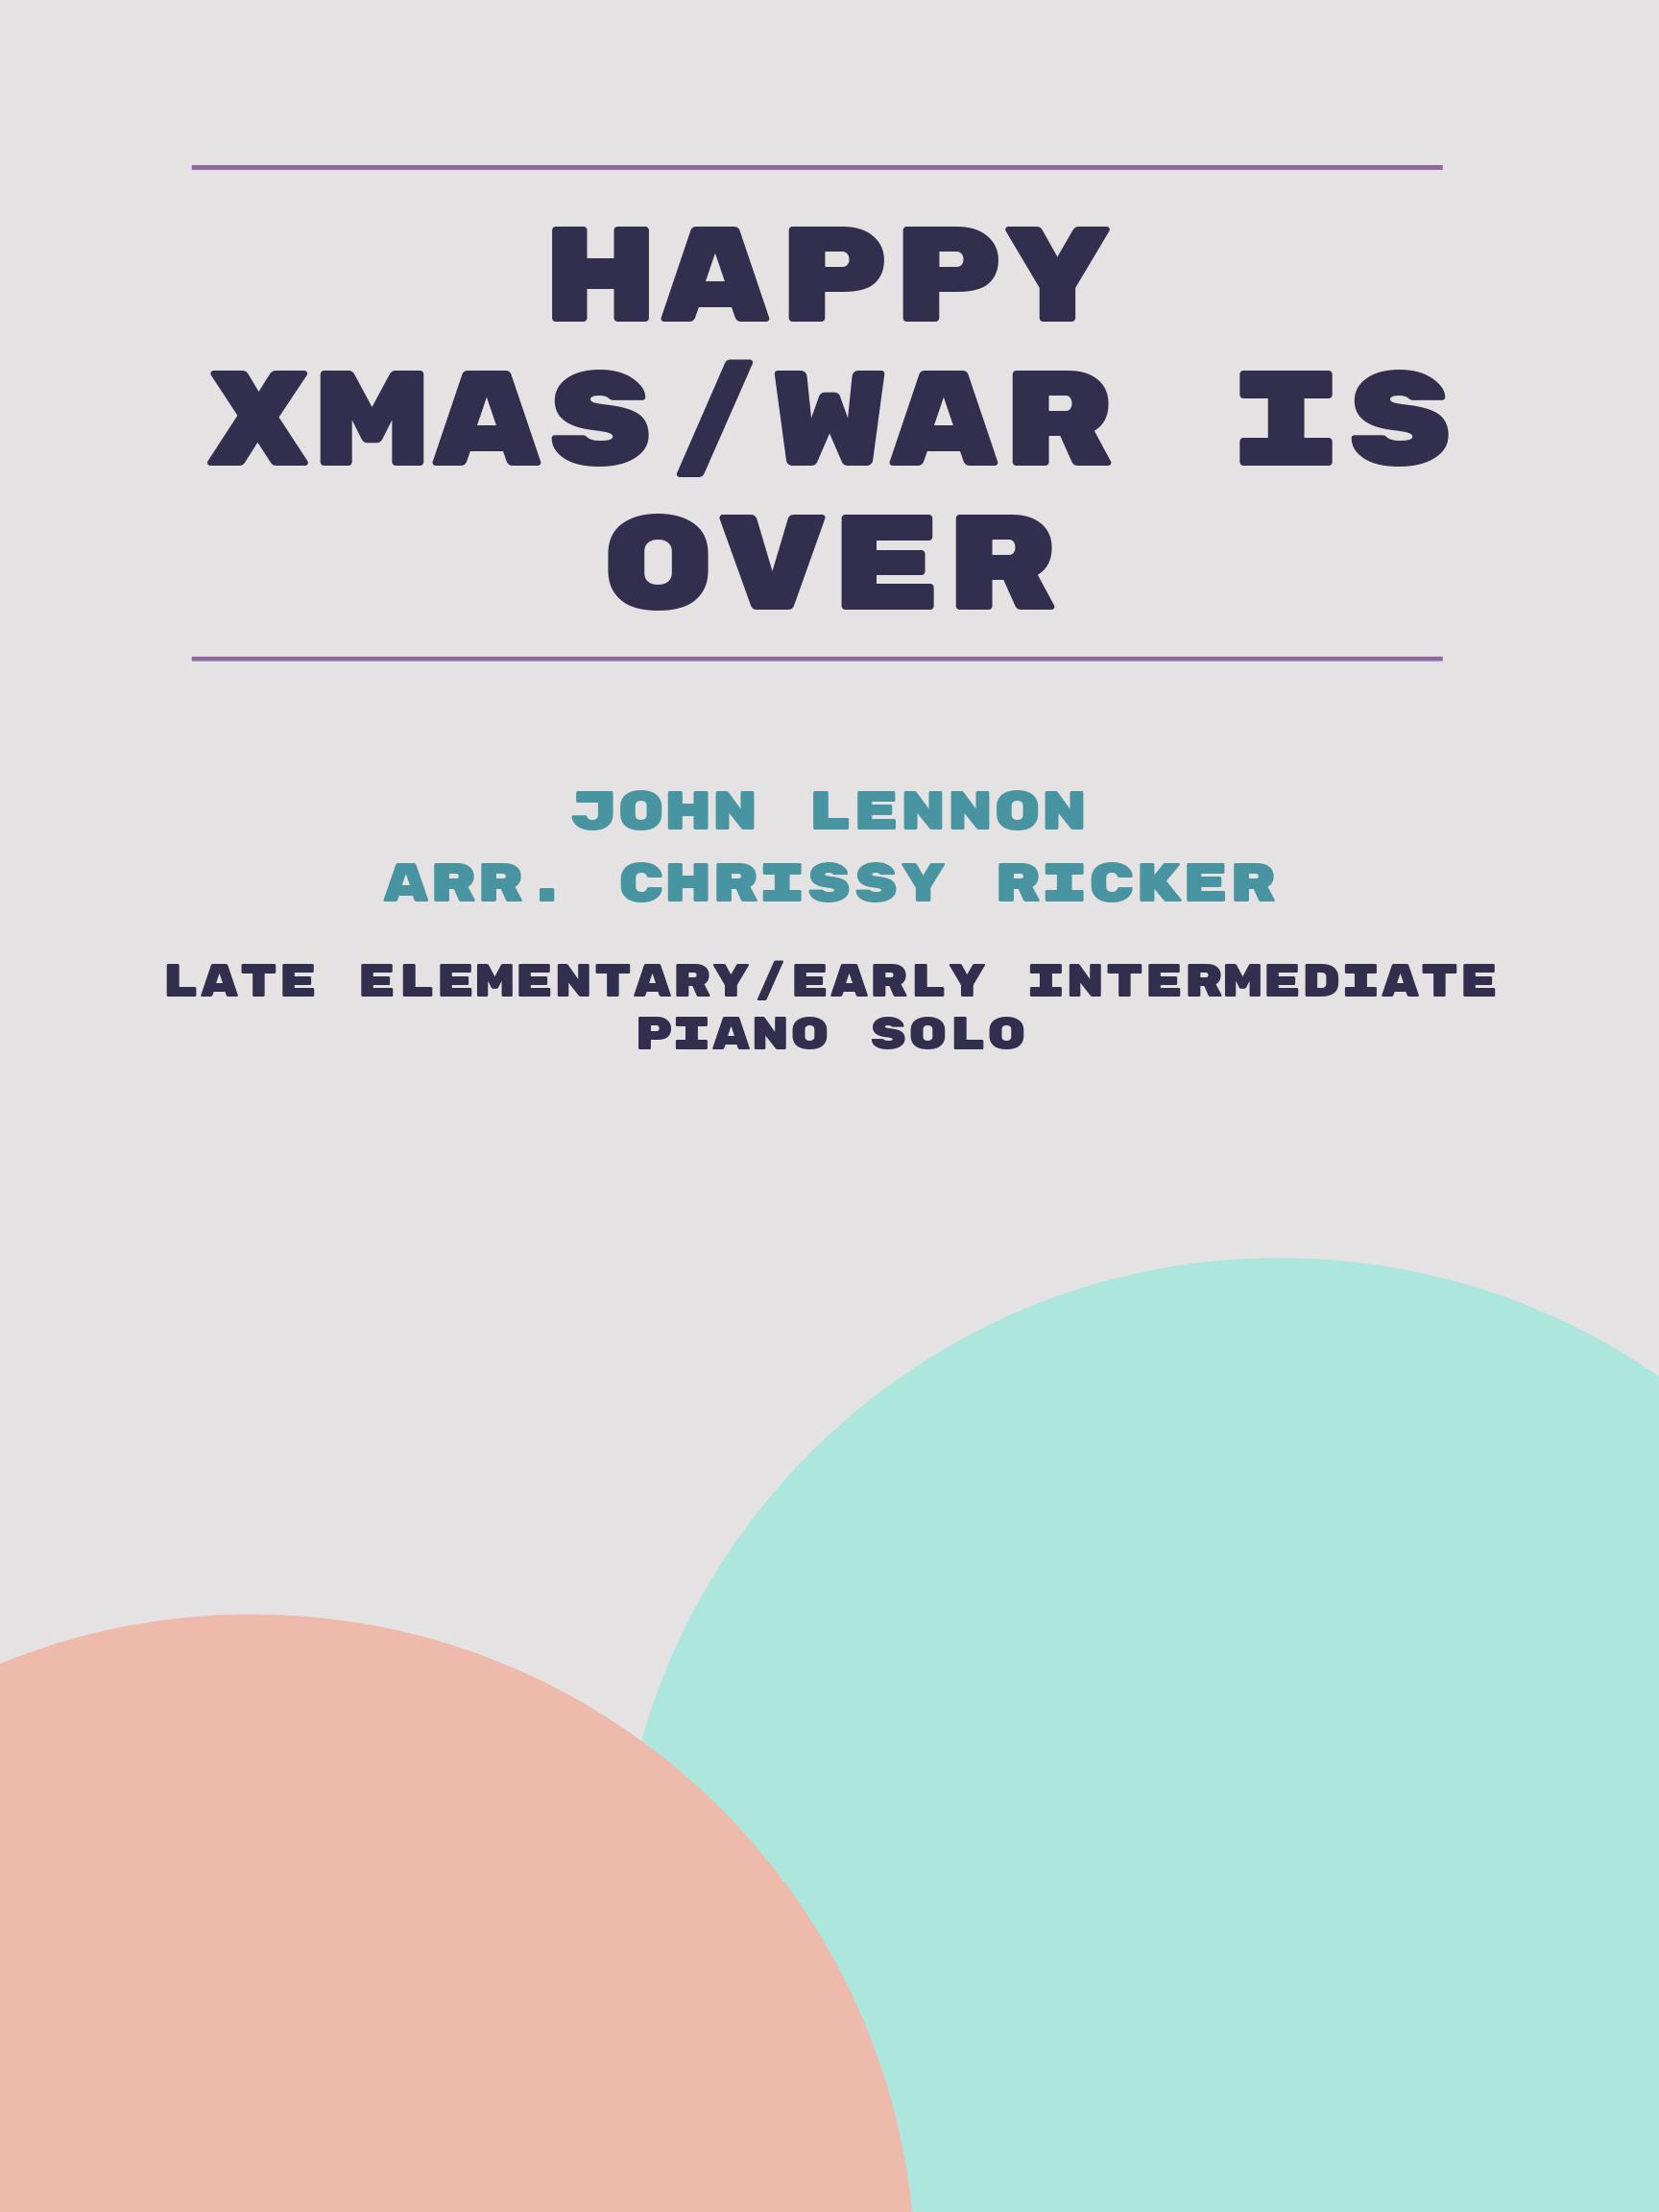 Happy Xmas/War is Over by John Lennon